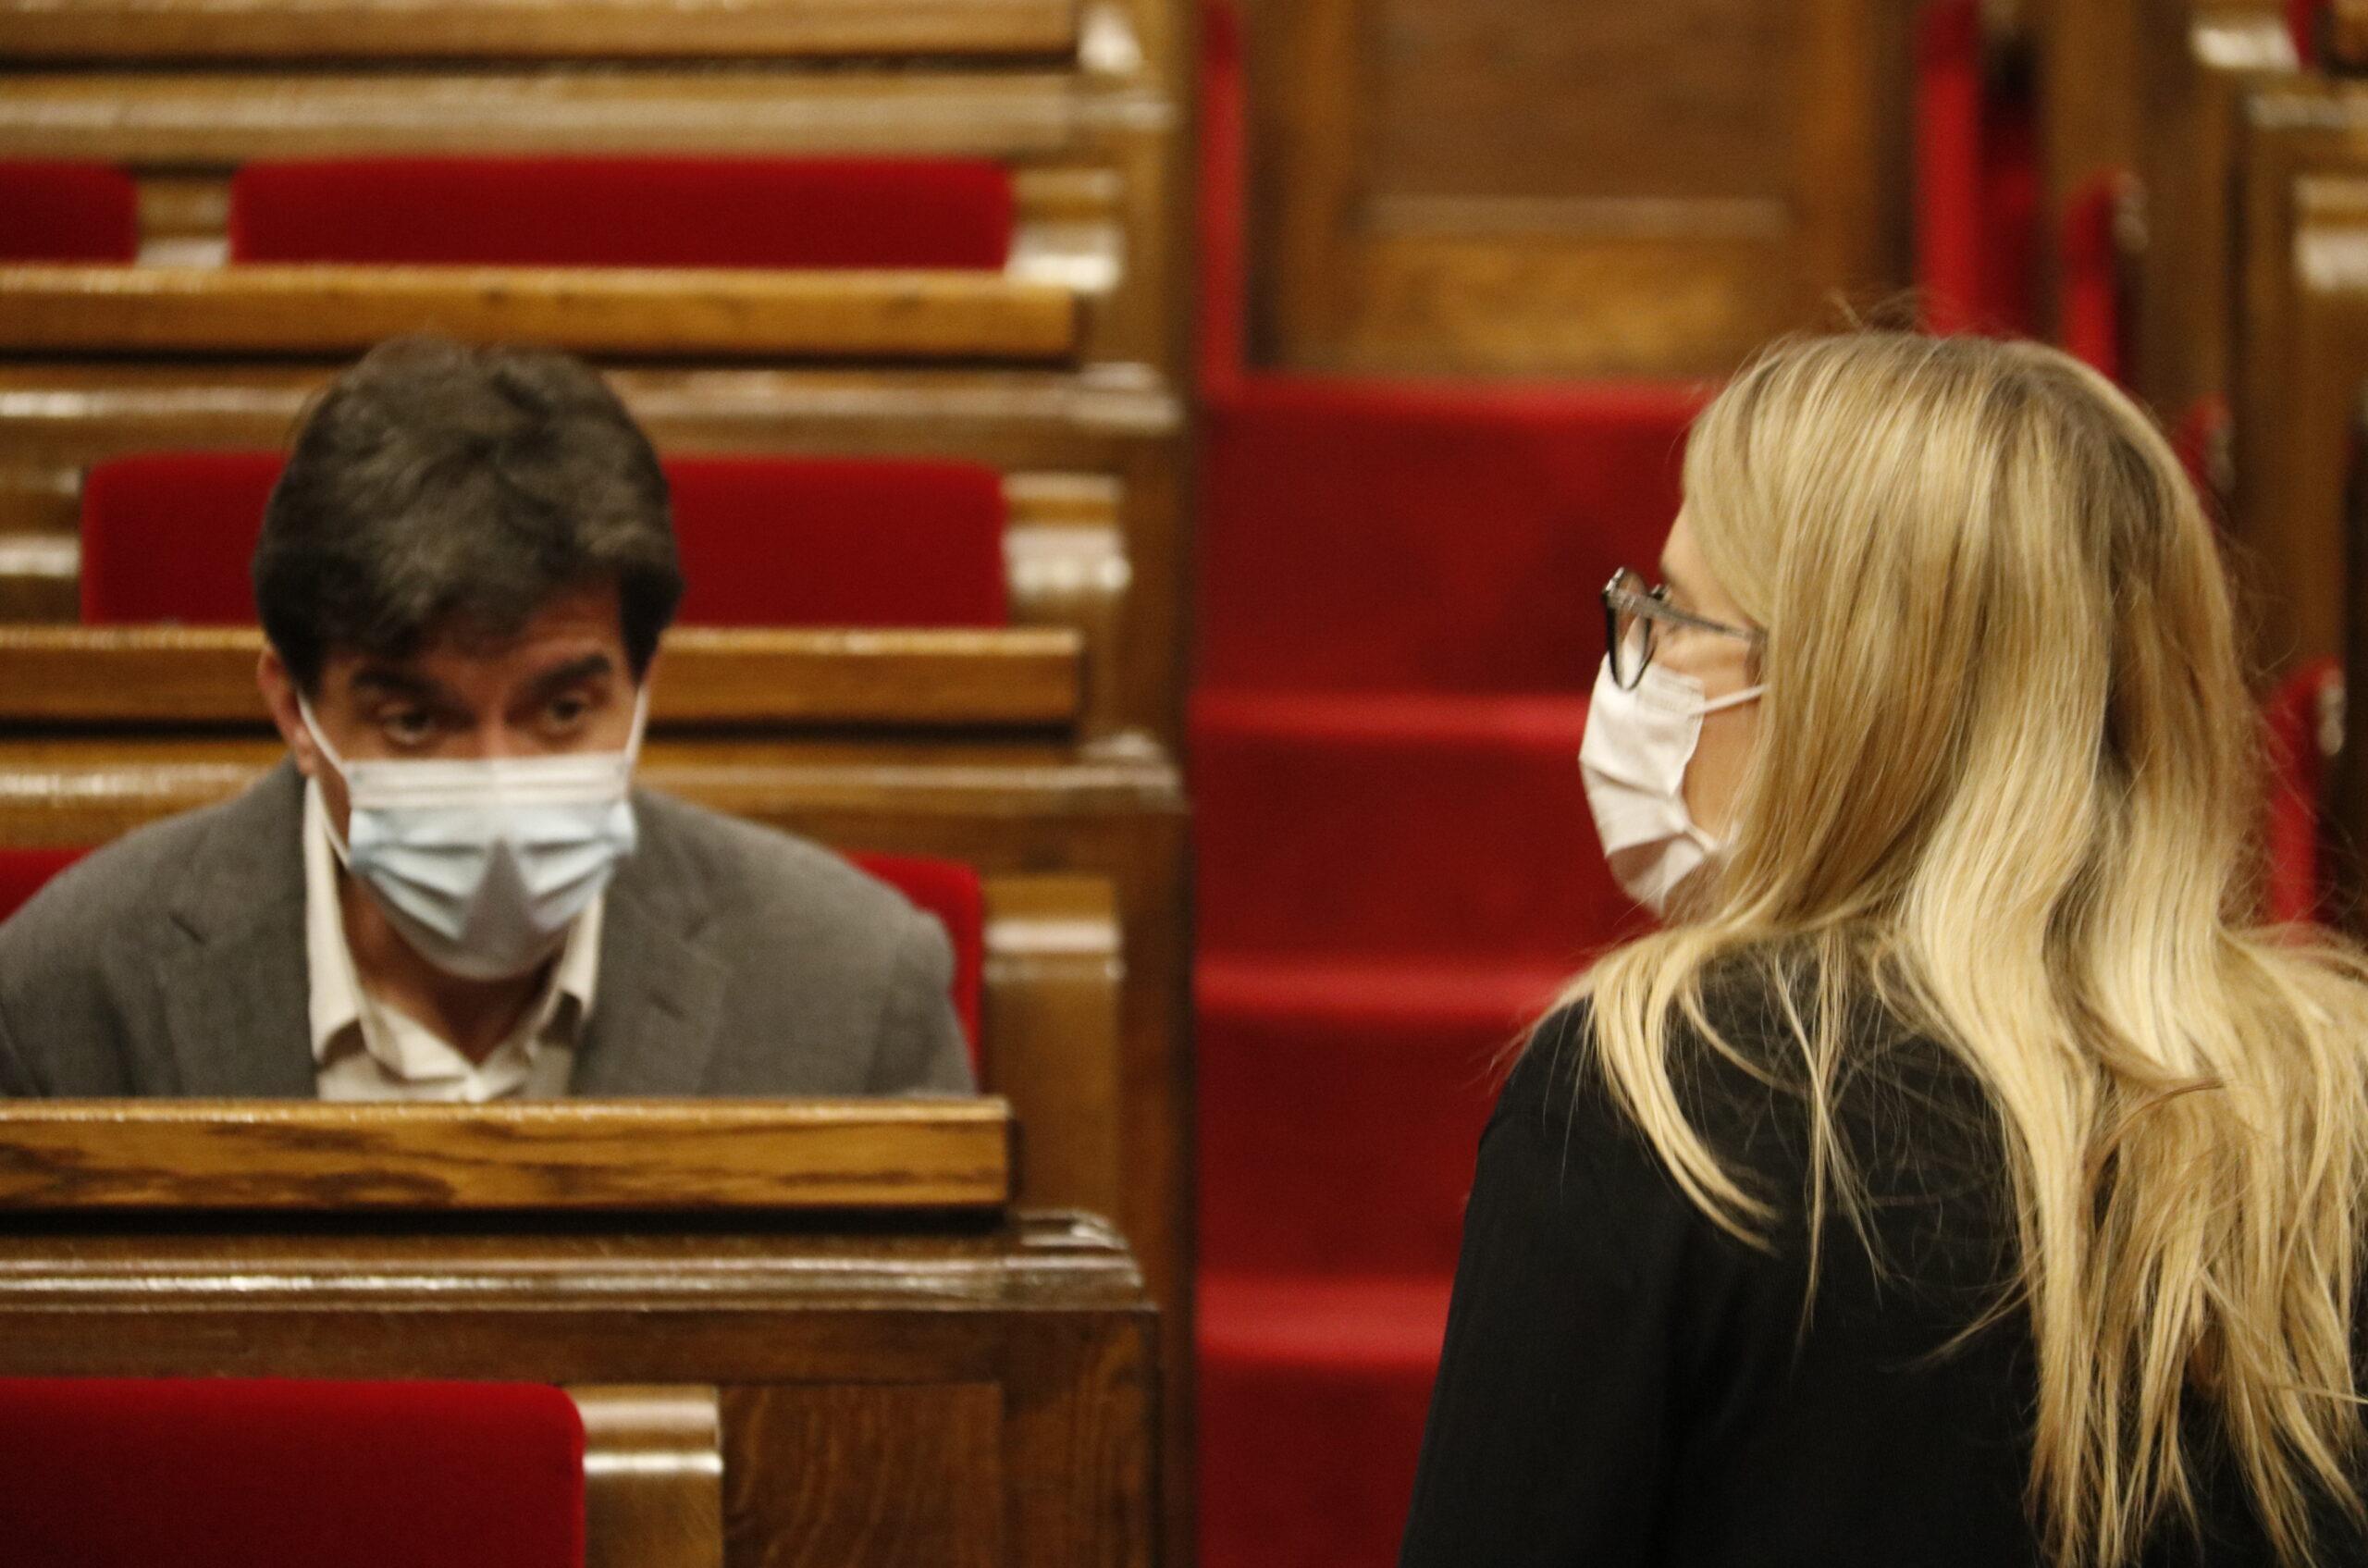 El líder d'ERC al Parlament, Sergi Sabrià, assegut al seu escó del Parlament mentre la diputada i regidora de JxCat Elsa Artadi puja les escales de l'hemicicle | ACN